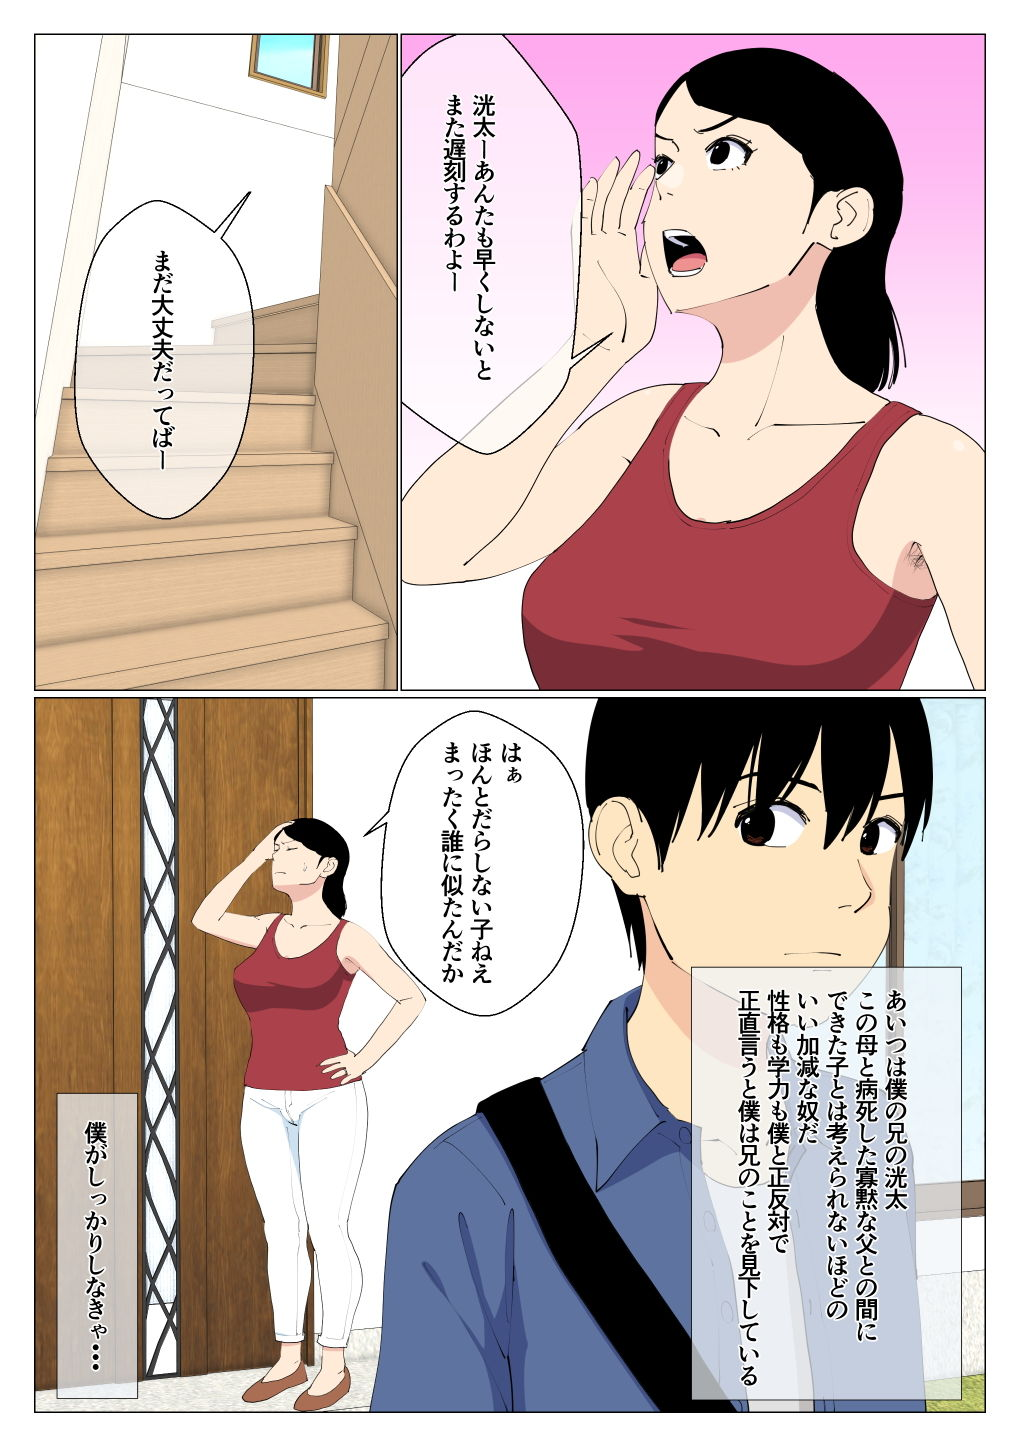 出来の悪い兄と母さんがセックスしてた話【作者:オロボーイ】【2】